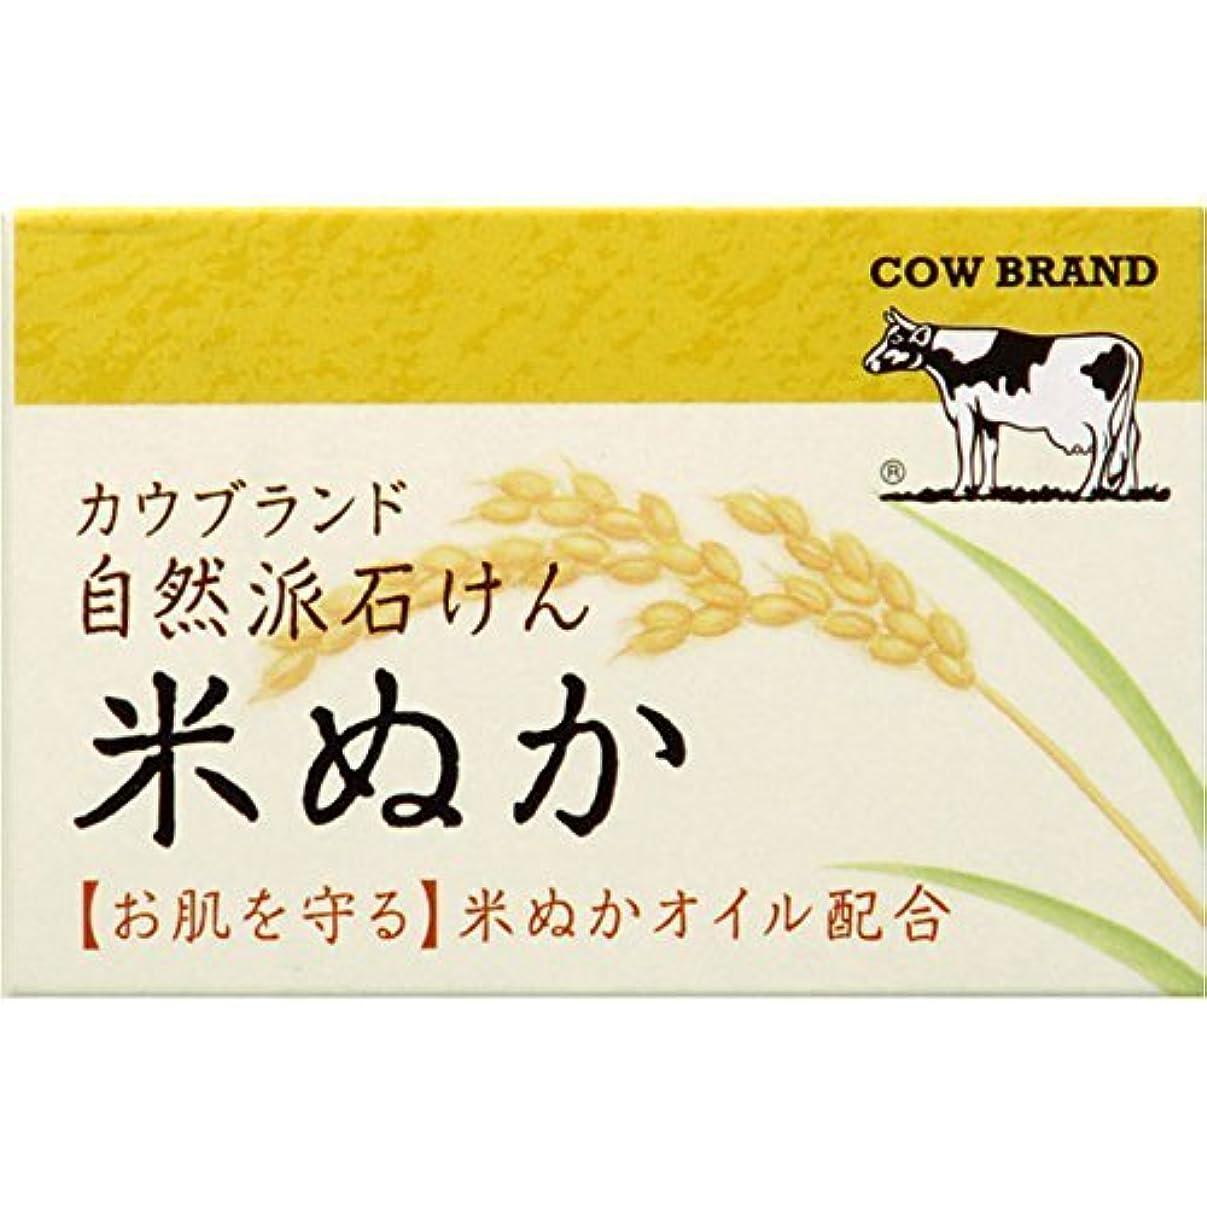 フェザー弁護人普遍的なカウブランド 自然派石けん 米ぬか 100g